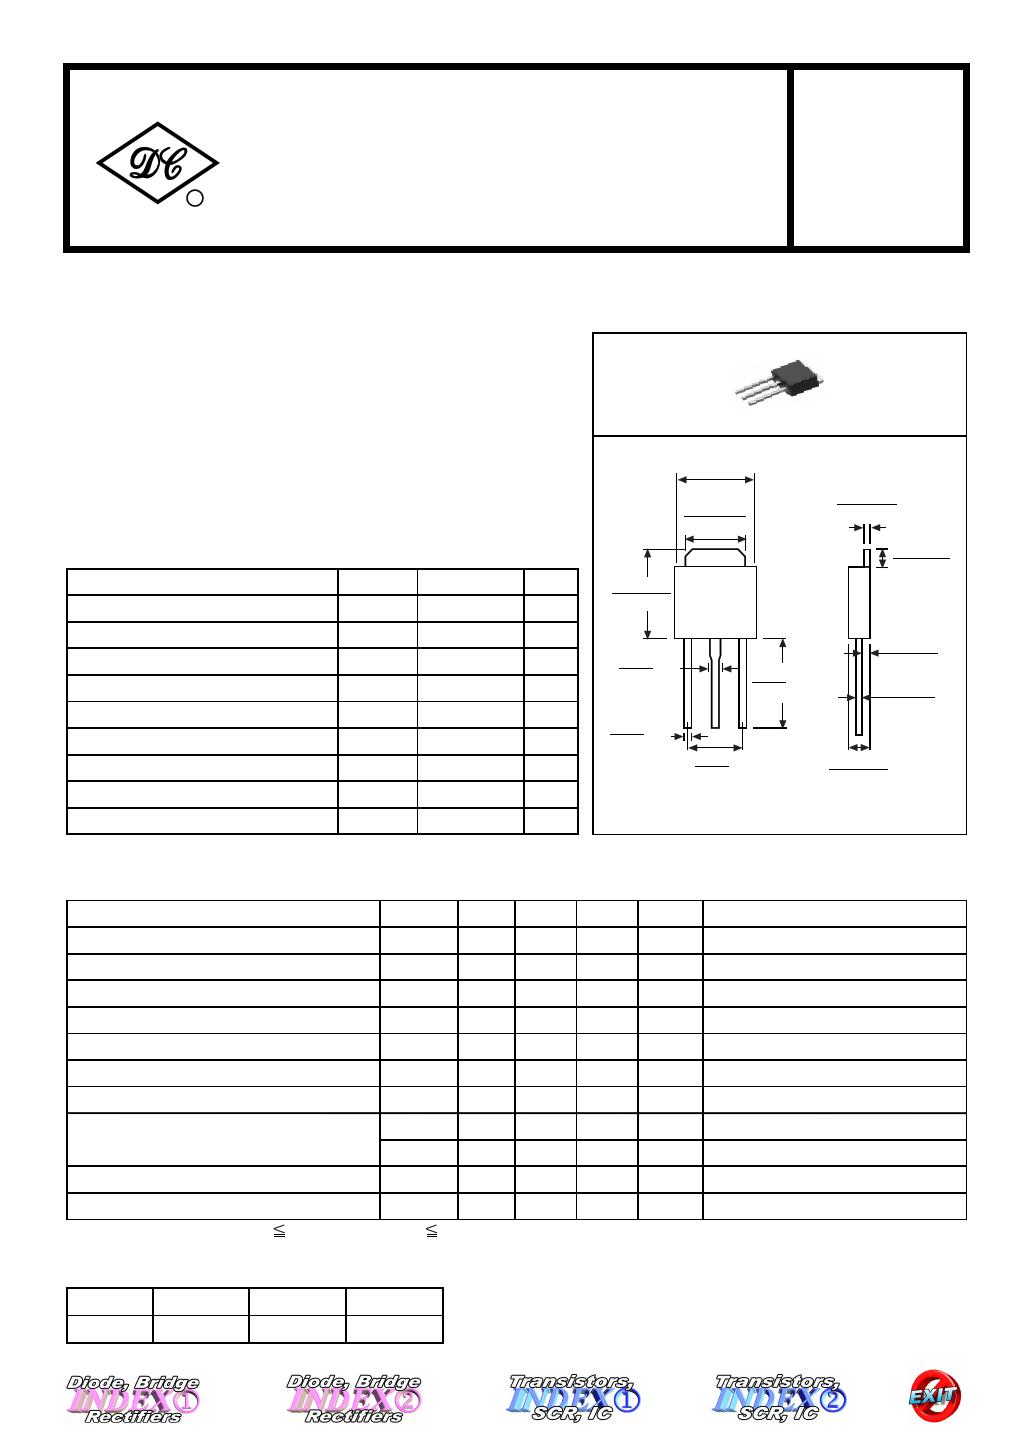 I772 datasheet